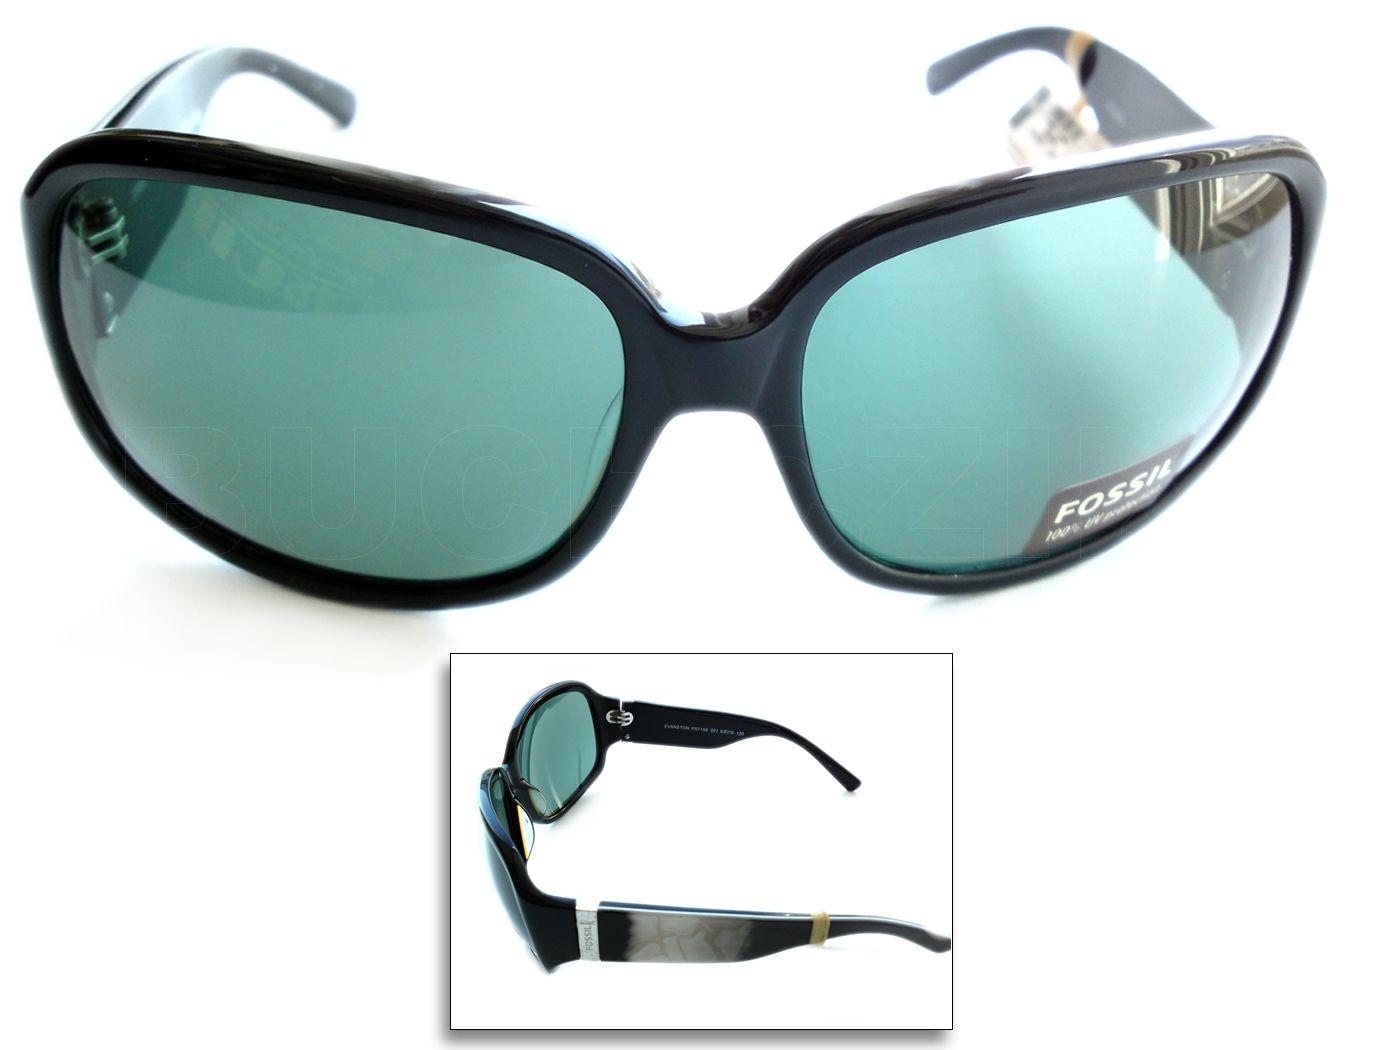 fossil damen sonnenbrille neu mehrere zur auswahl. Black Bedroom Furniture Sets. Home Design Ideas